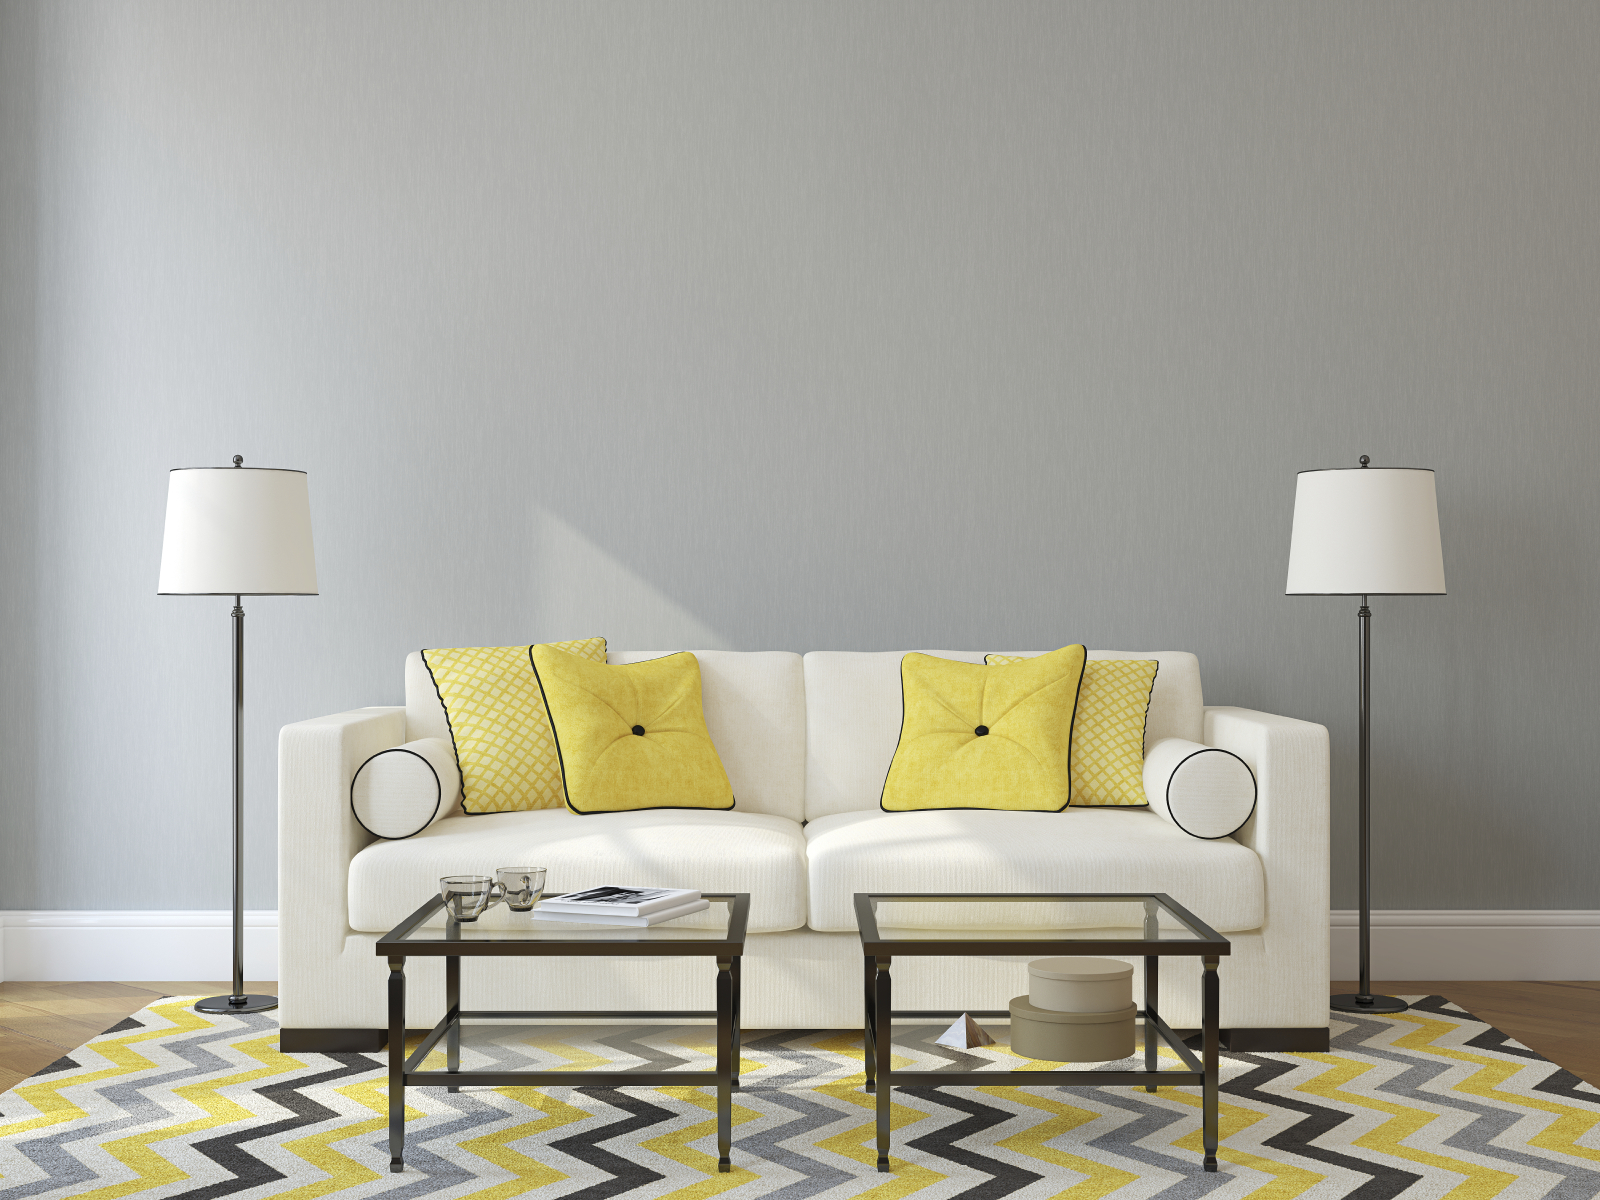 I trucchi per arredare un piccolo soggiorno - Arredare un soggiorno piccolo ...